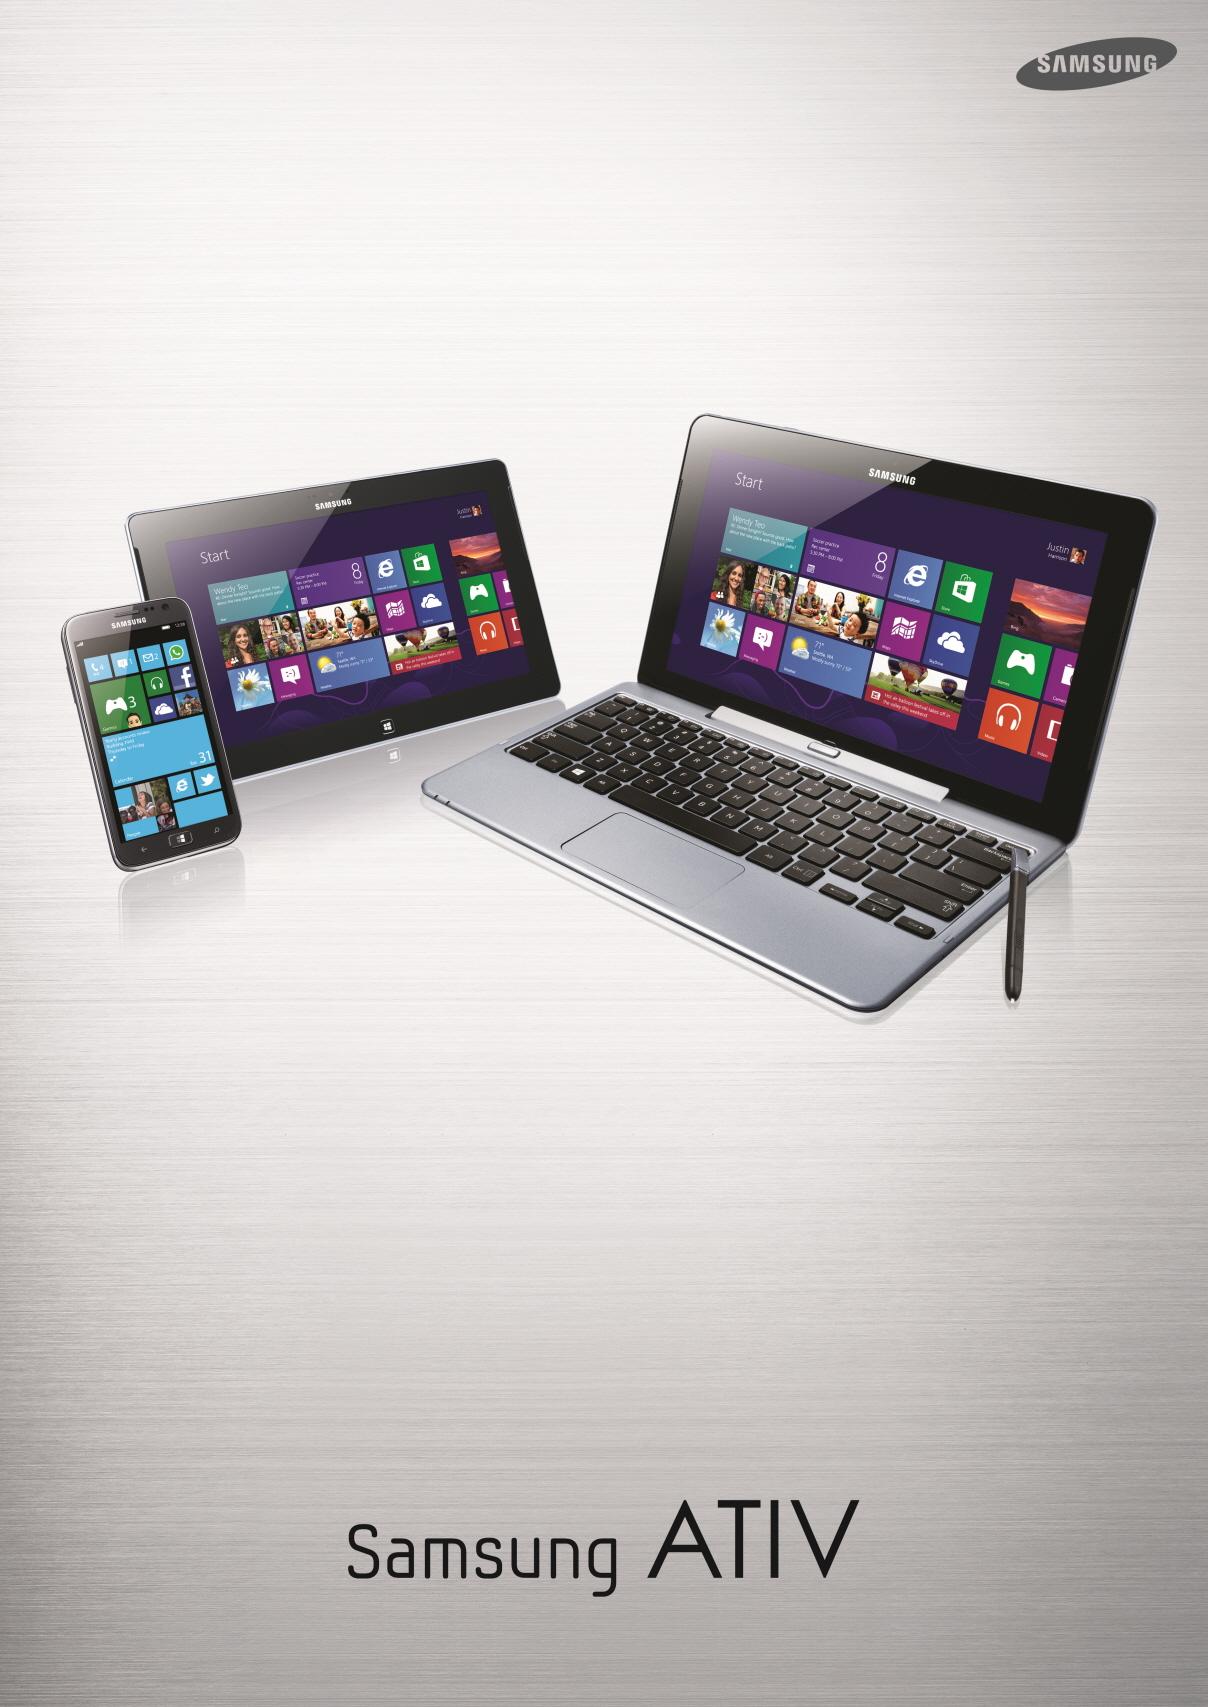 Samsungi z Windows 8 – sprzęt, jakiego jeszcze nie było